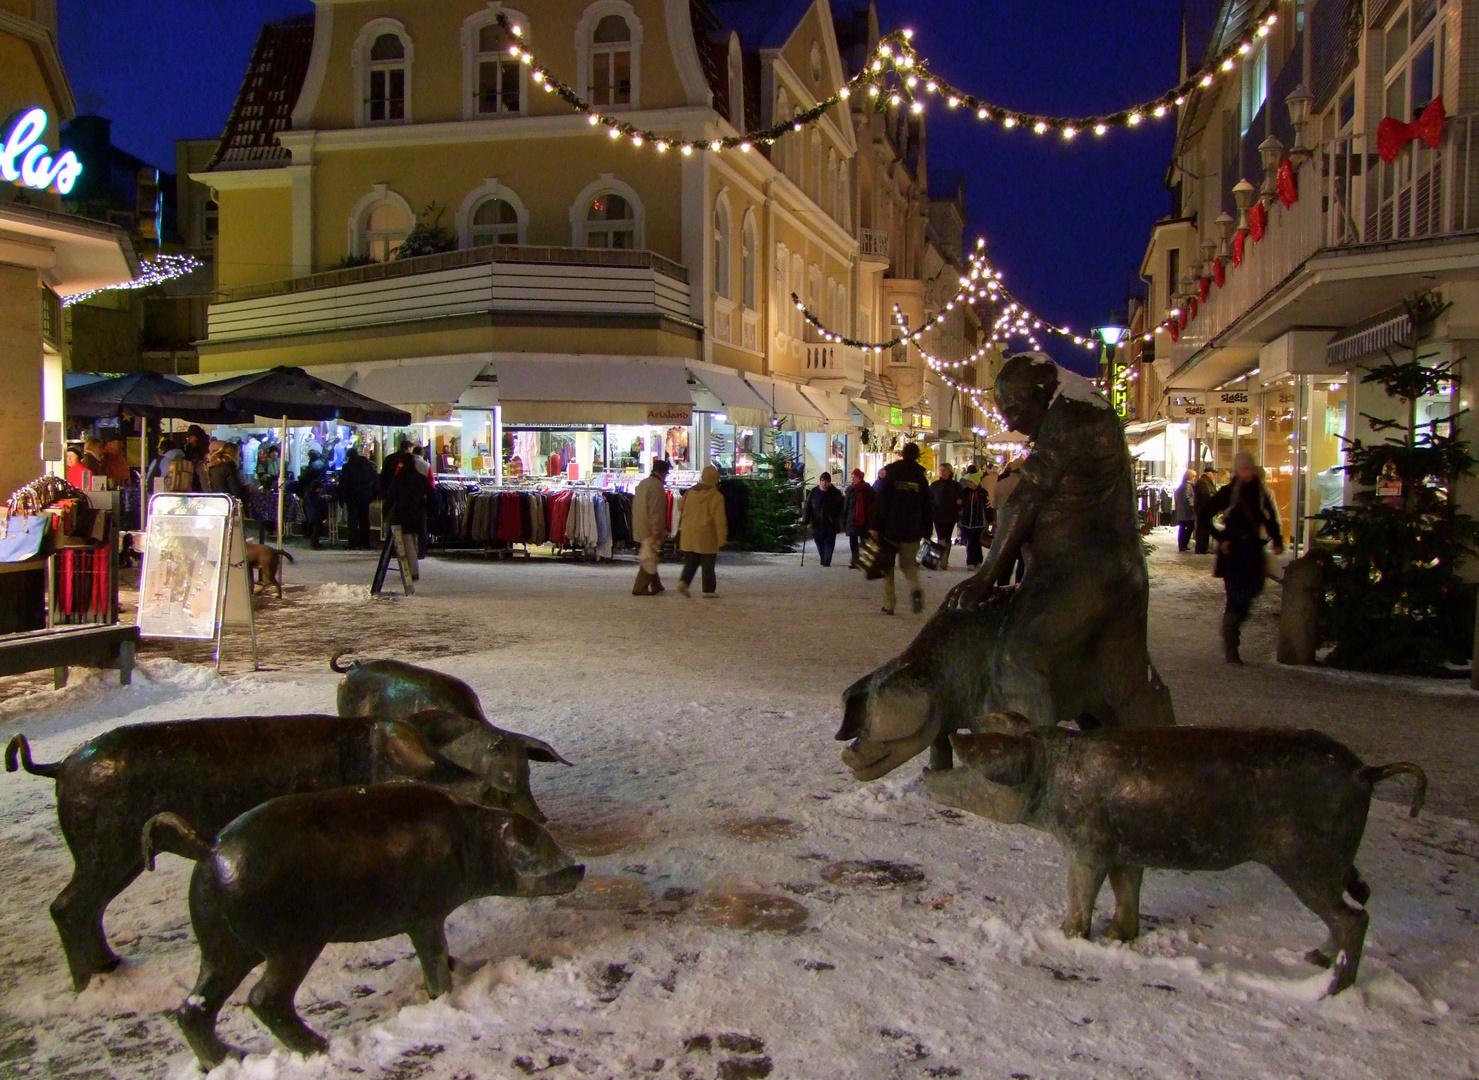 Bad Oeynhausen Weihnachtsmarkt.Weihnachtsmarkt Foto Bild Jahreszeiten Winter Gs Bad